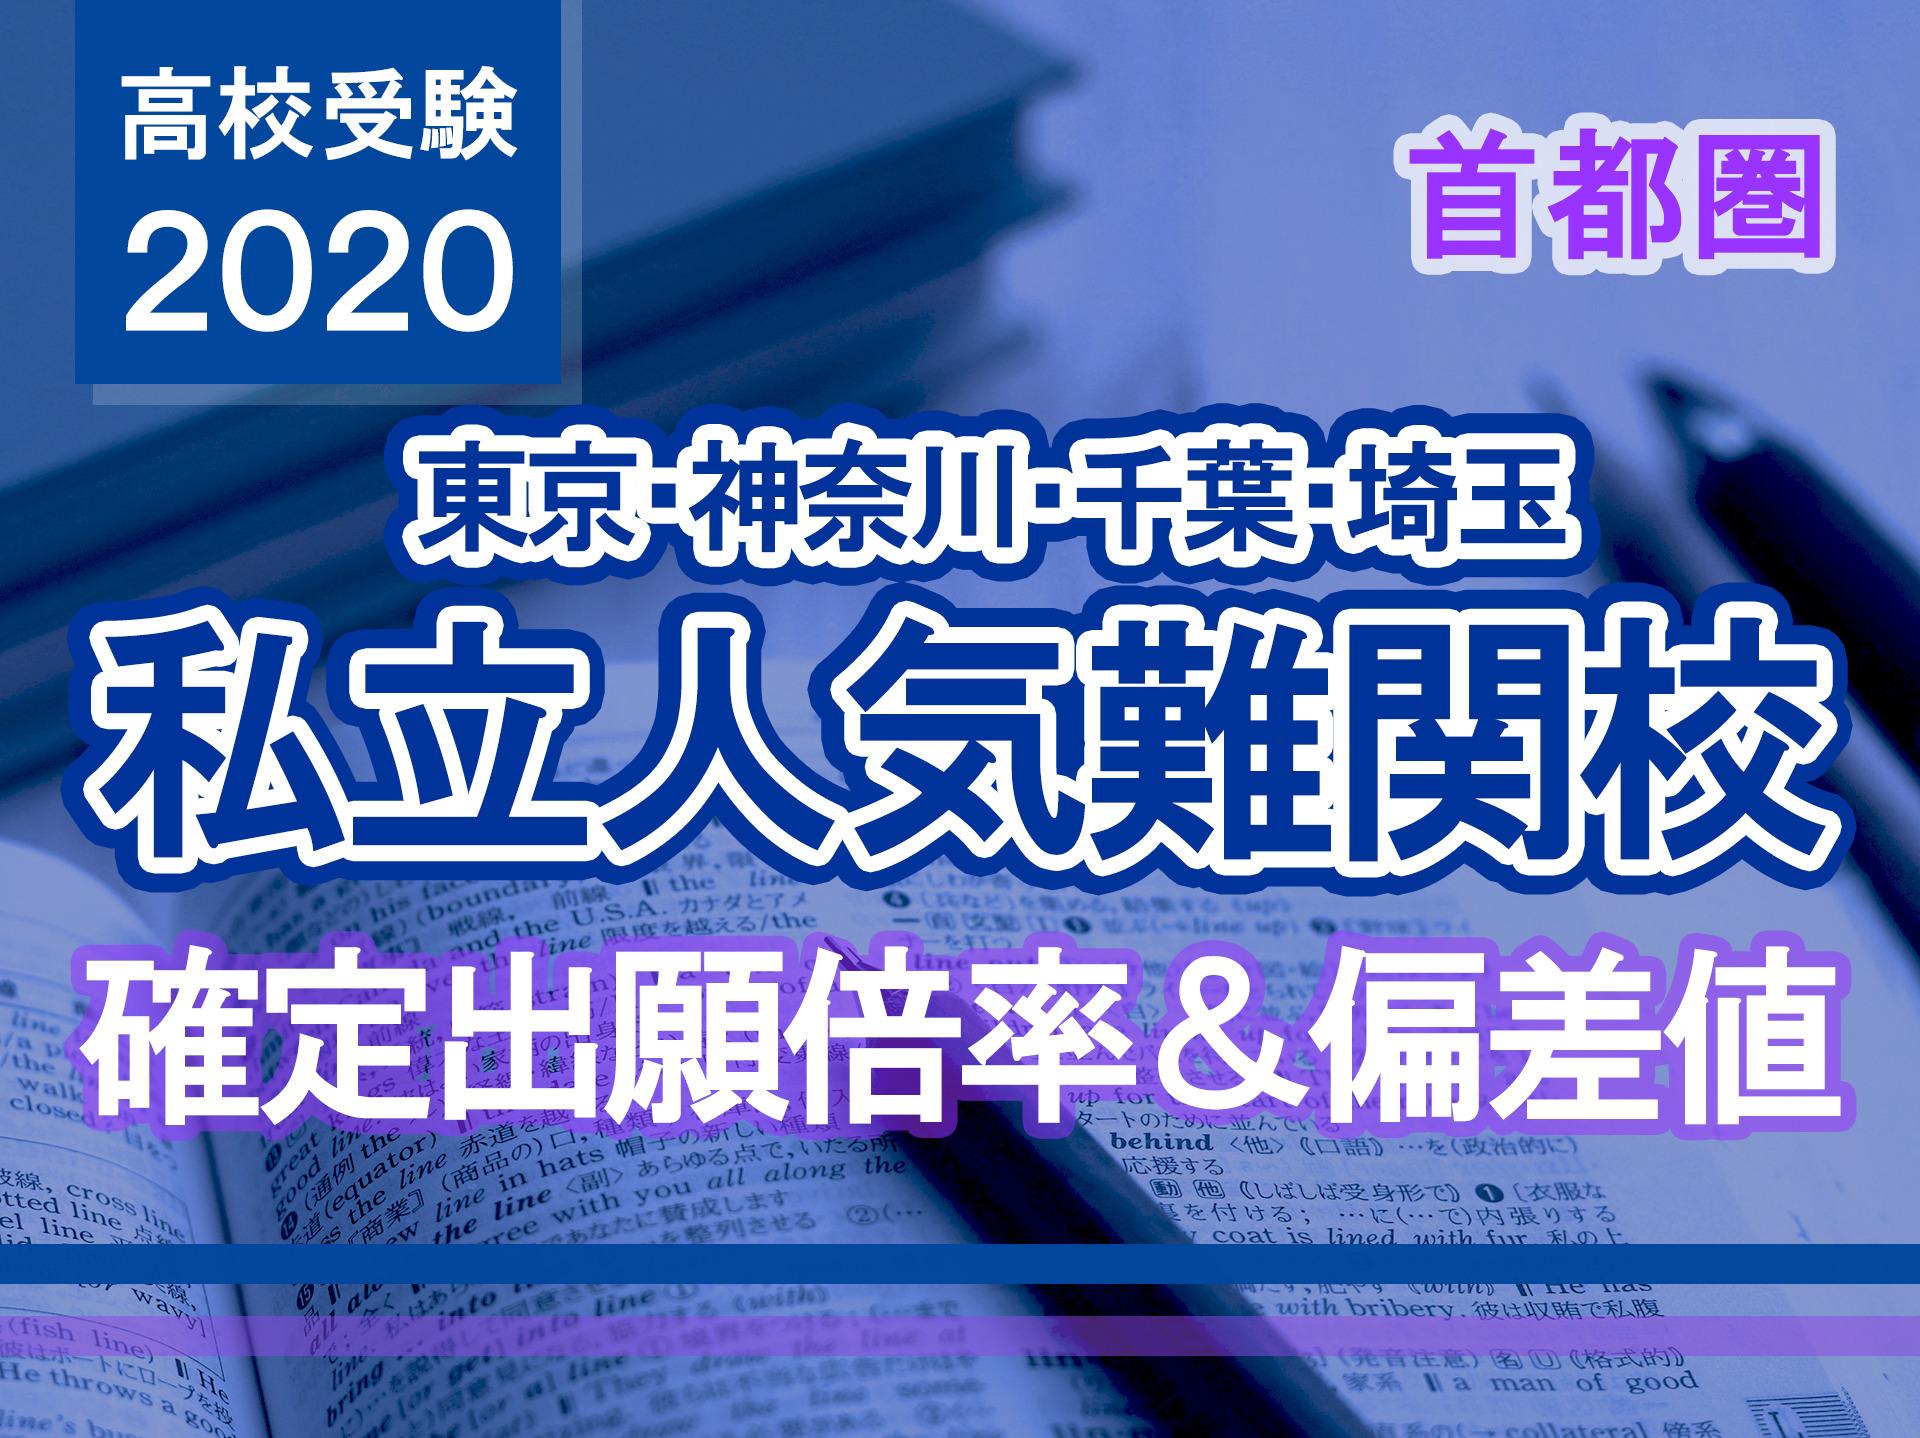 高校 2021 値 都立 偏差